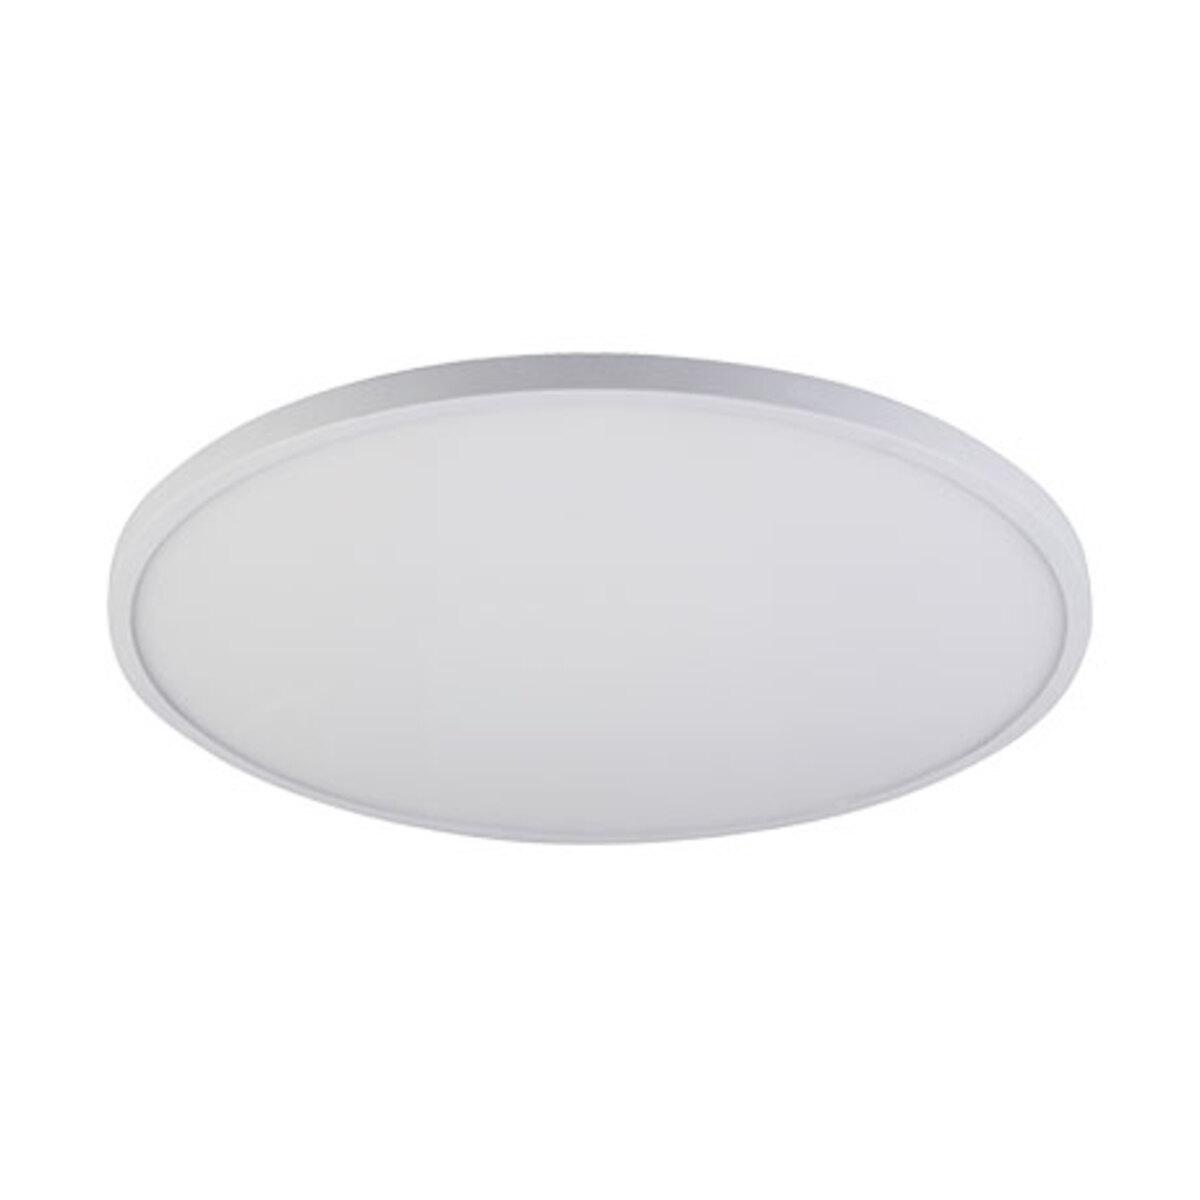 Bild 4 von LED-Panel Switch Tone rund 40cm